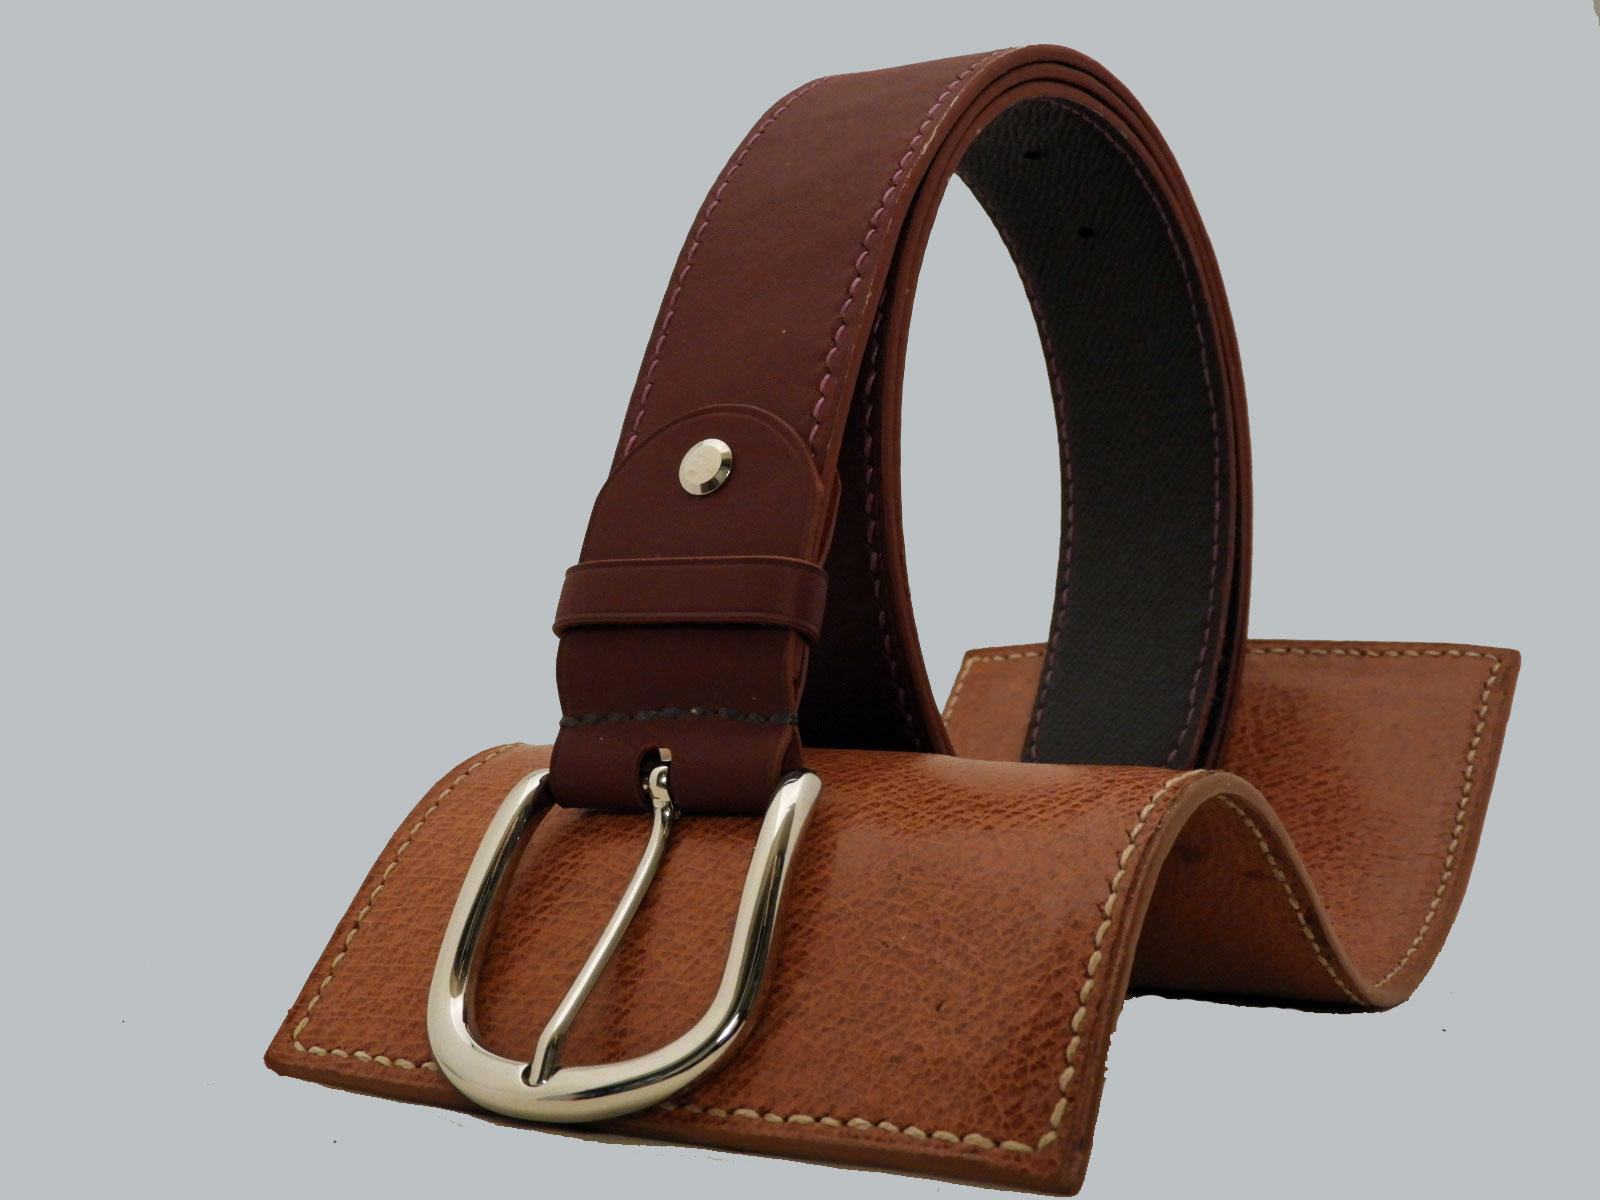 SHILLONG, ceinture en cuir de veau lisse lie de vin & grainé chocolat